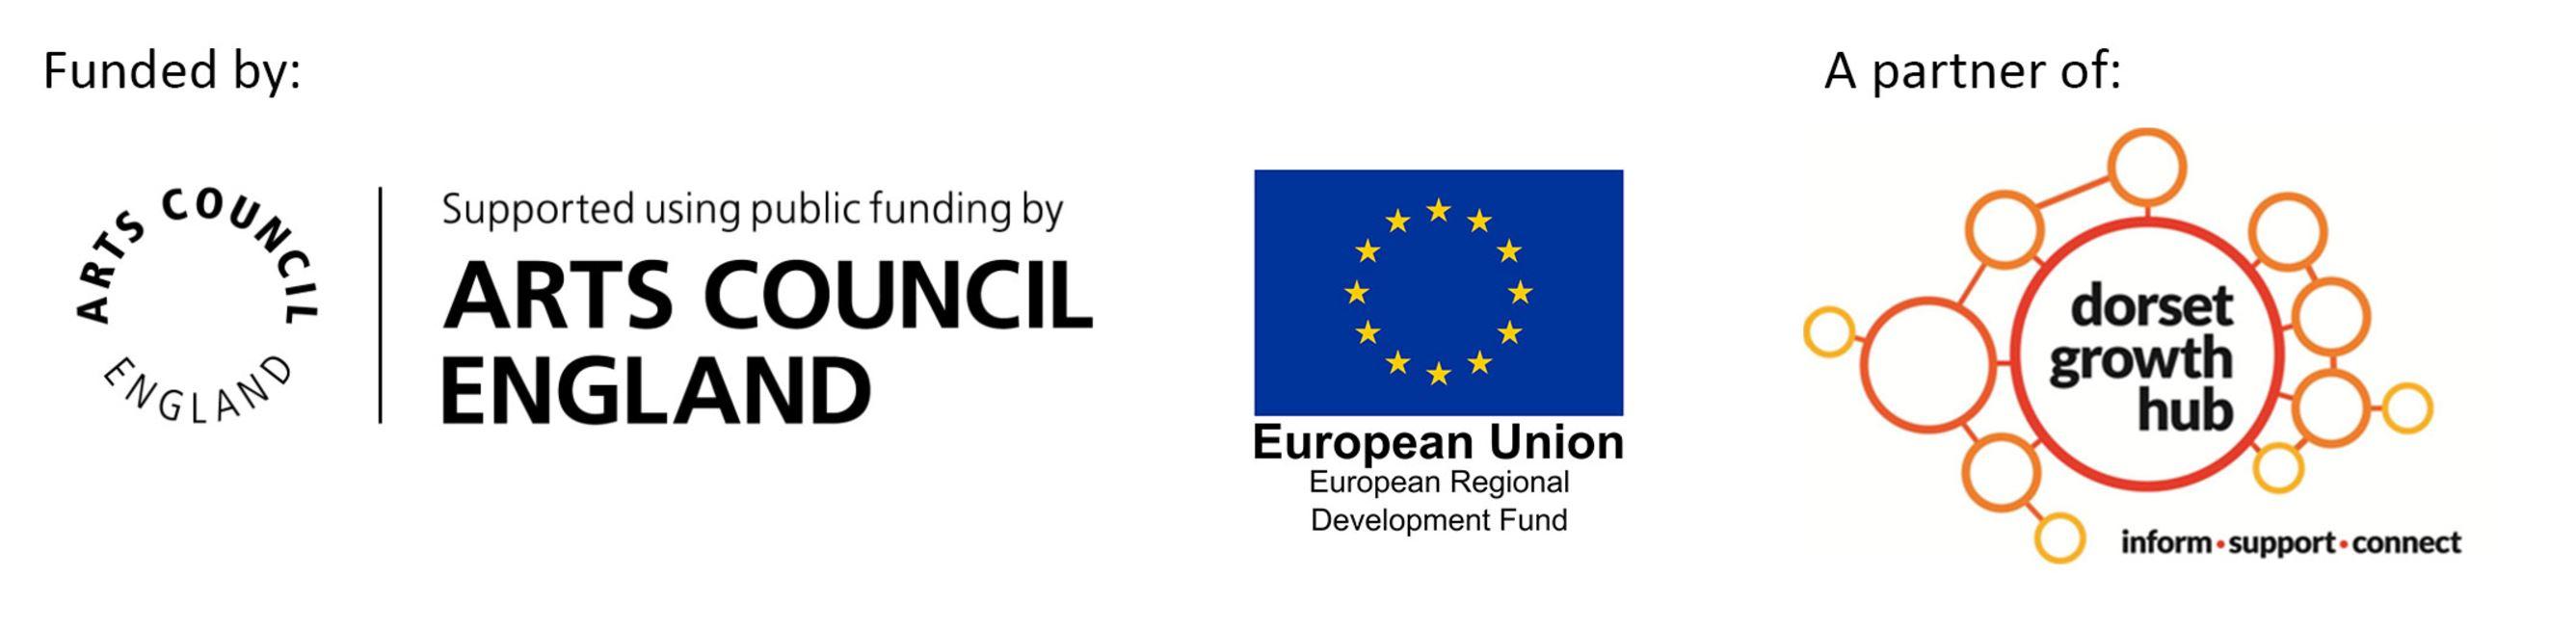 ERDF funder logos